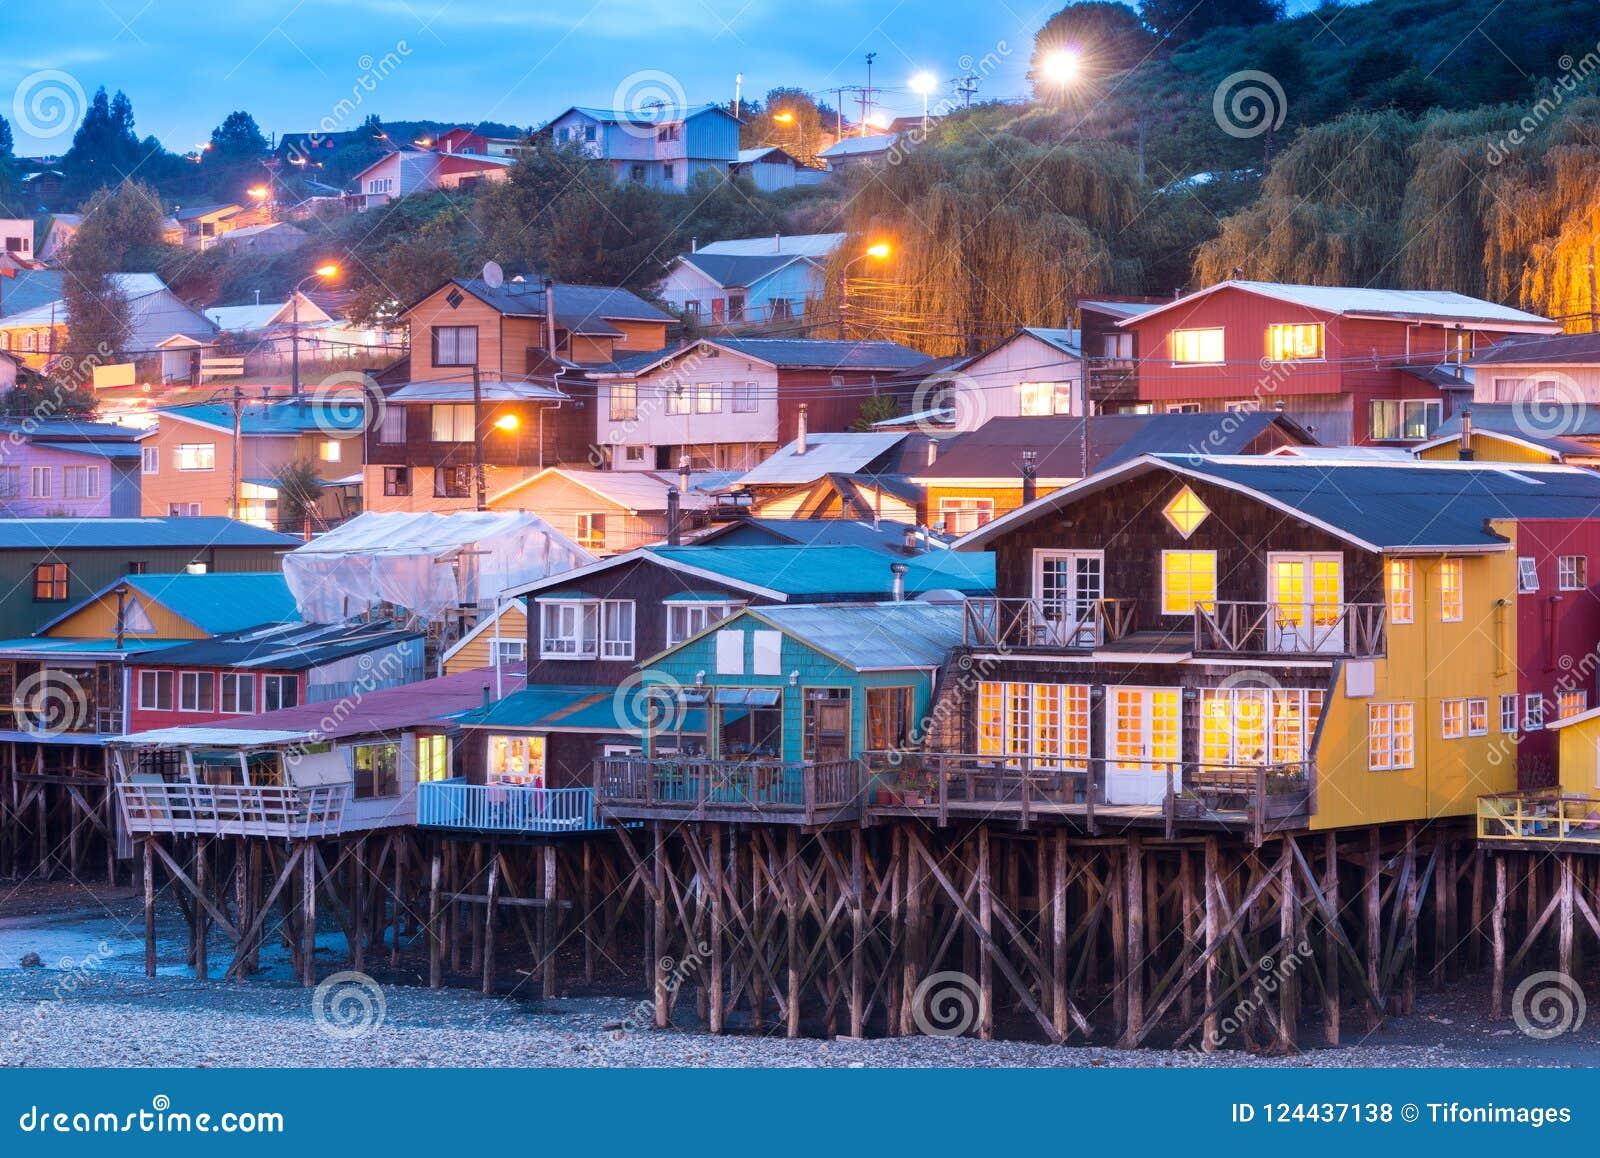 Τα παραδοσιακά σπίτια ξυλοποδάρων ξέρουν ως palafitos στην πόλη Castro στο νησί Chiloe στη Χιλή